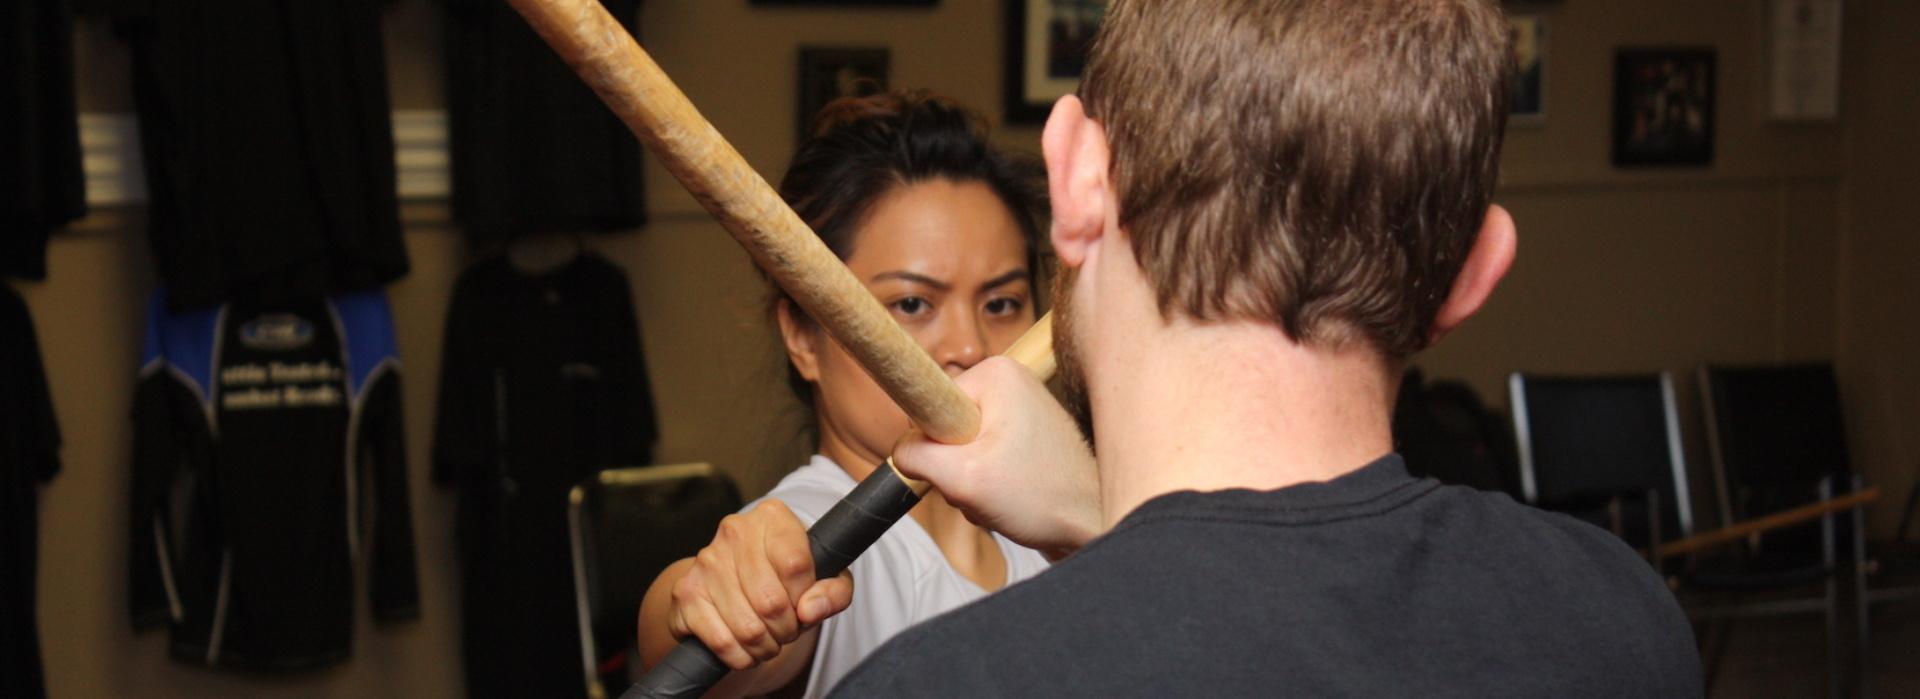 Self Defense Combatives Martial Arts